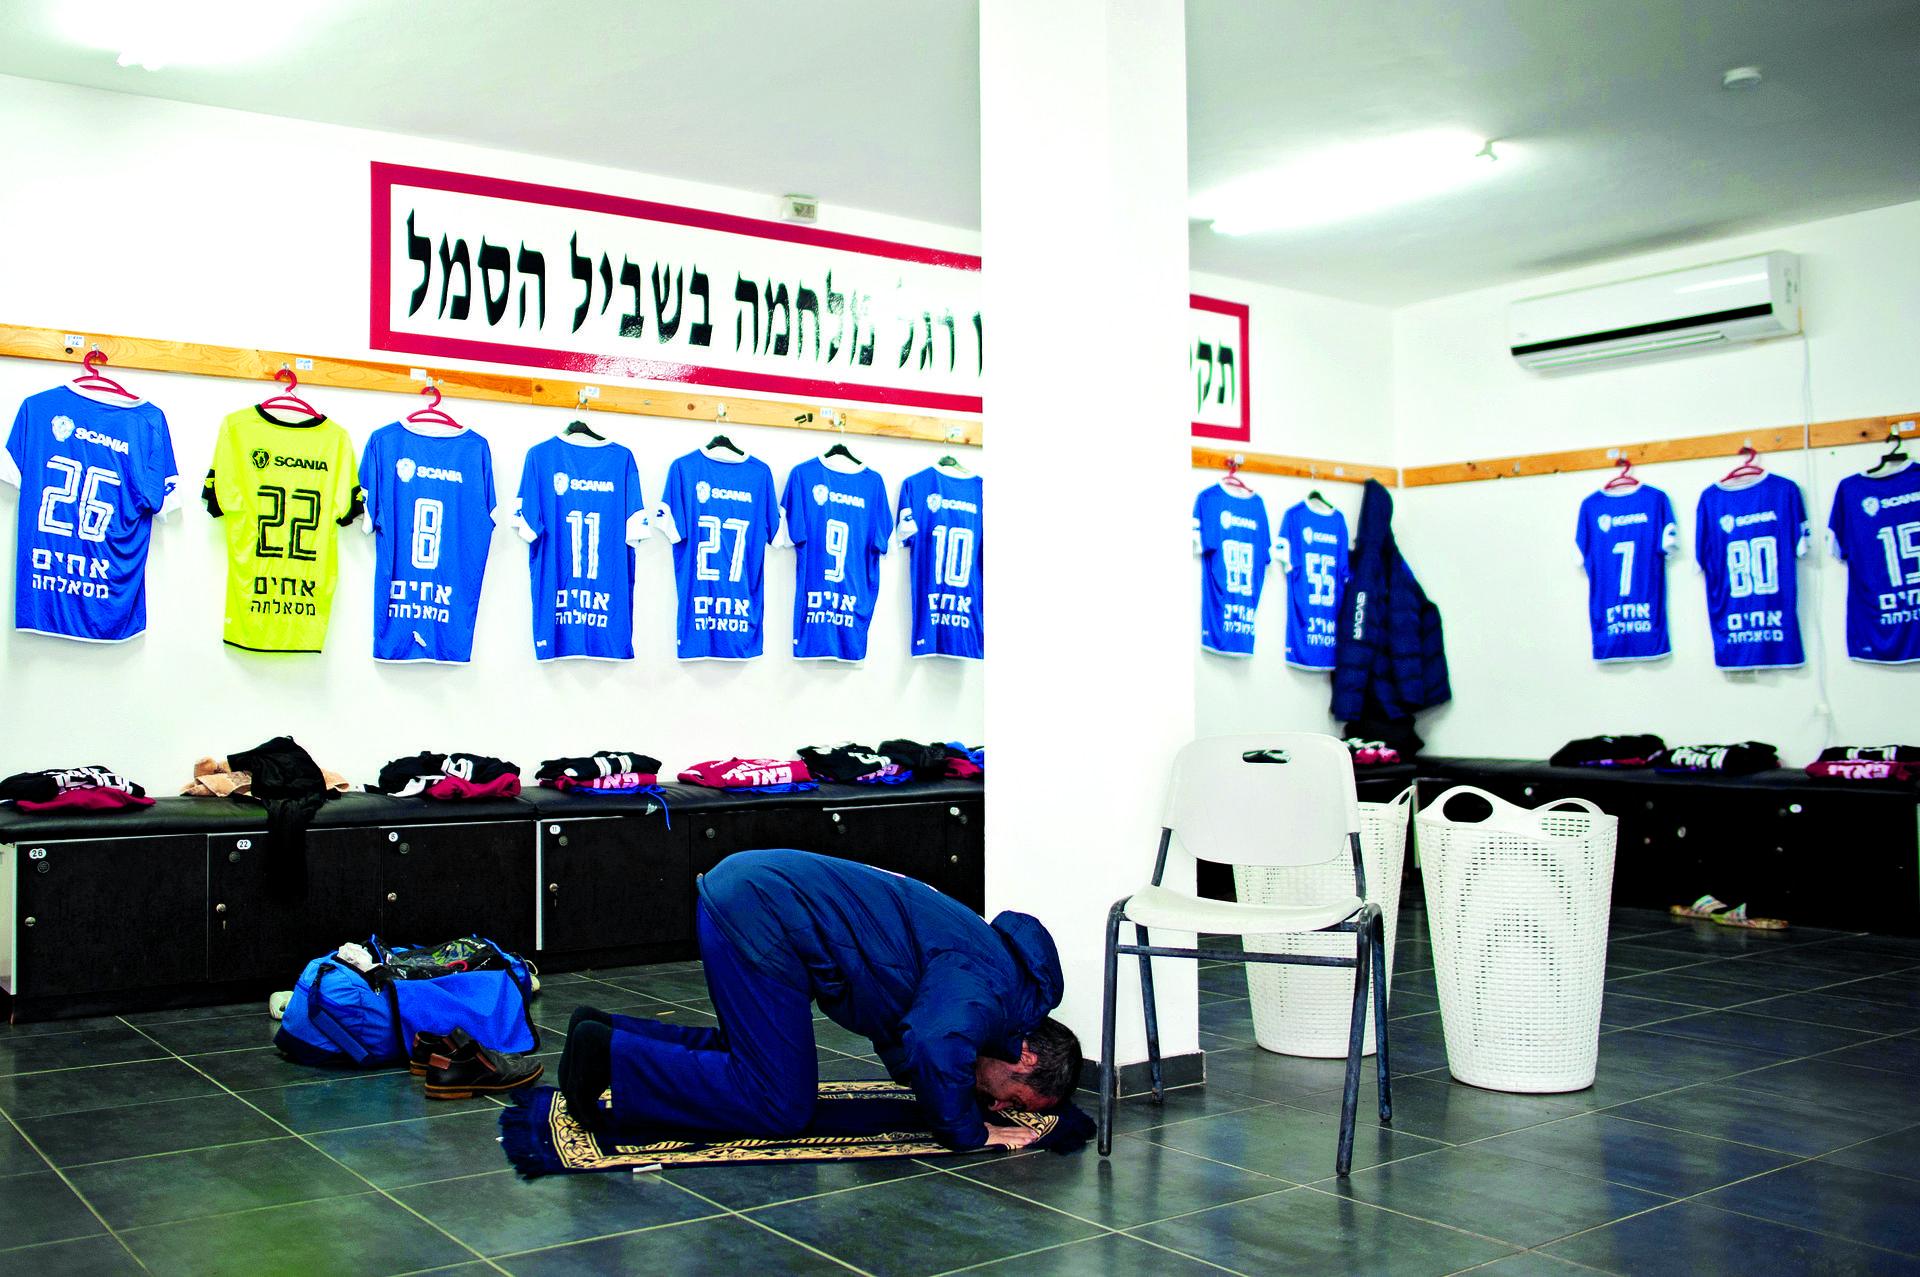 תפילה בחדר ההלבשה לפני המשחק   צילום: יואב דודקביץ'